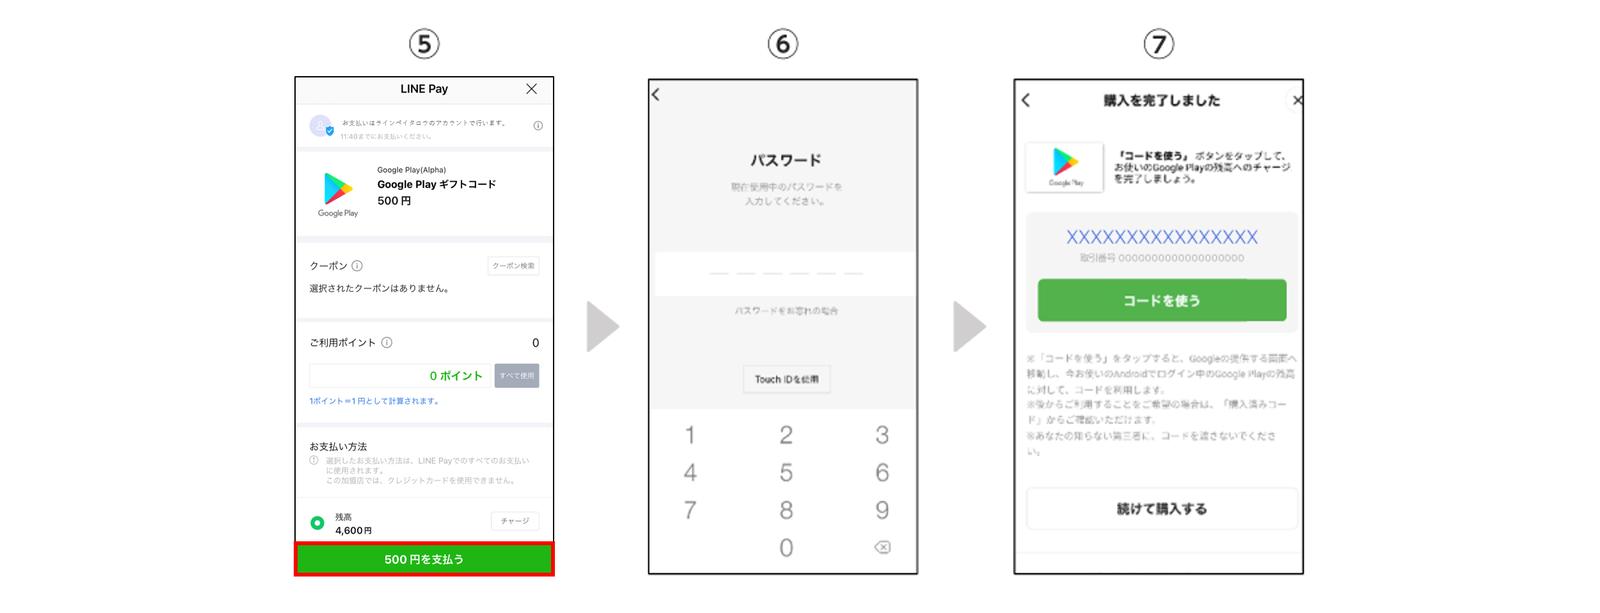 Google Play 3PTUfix3